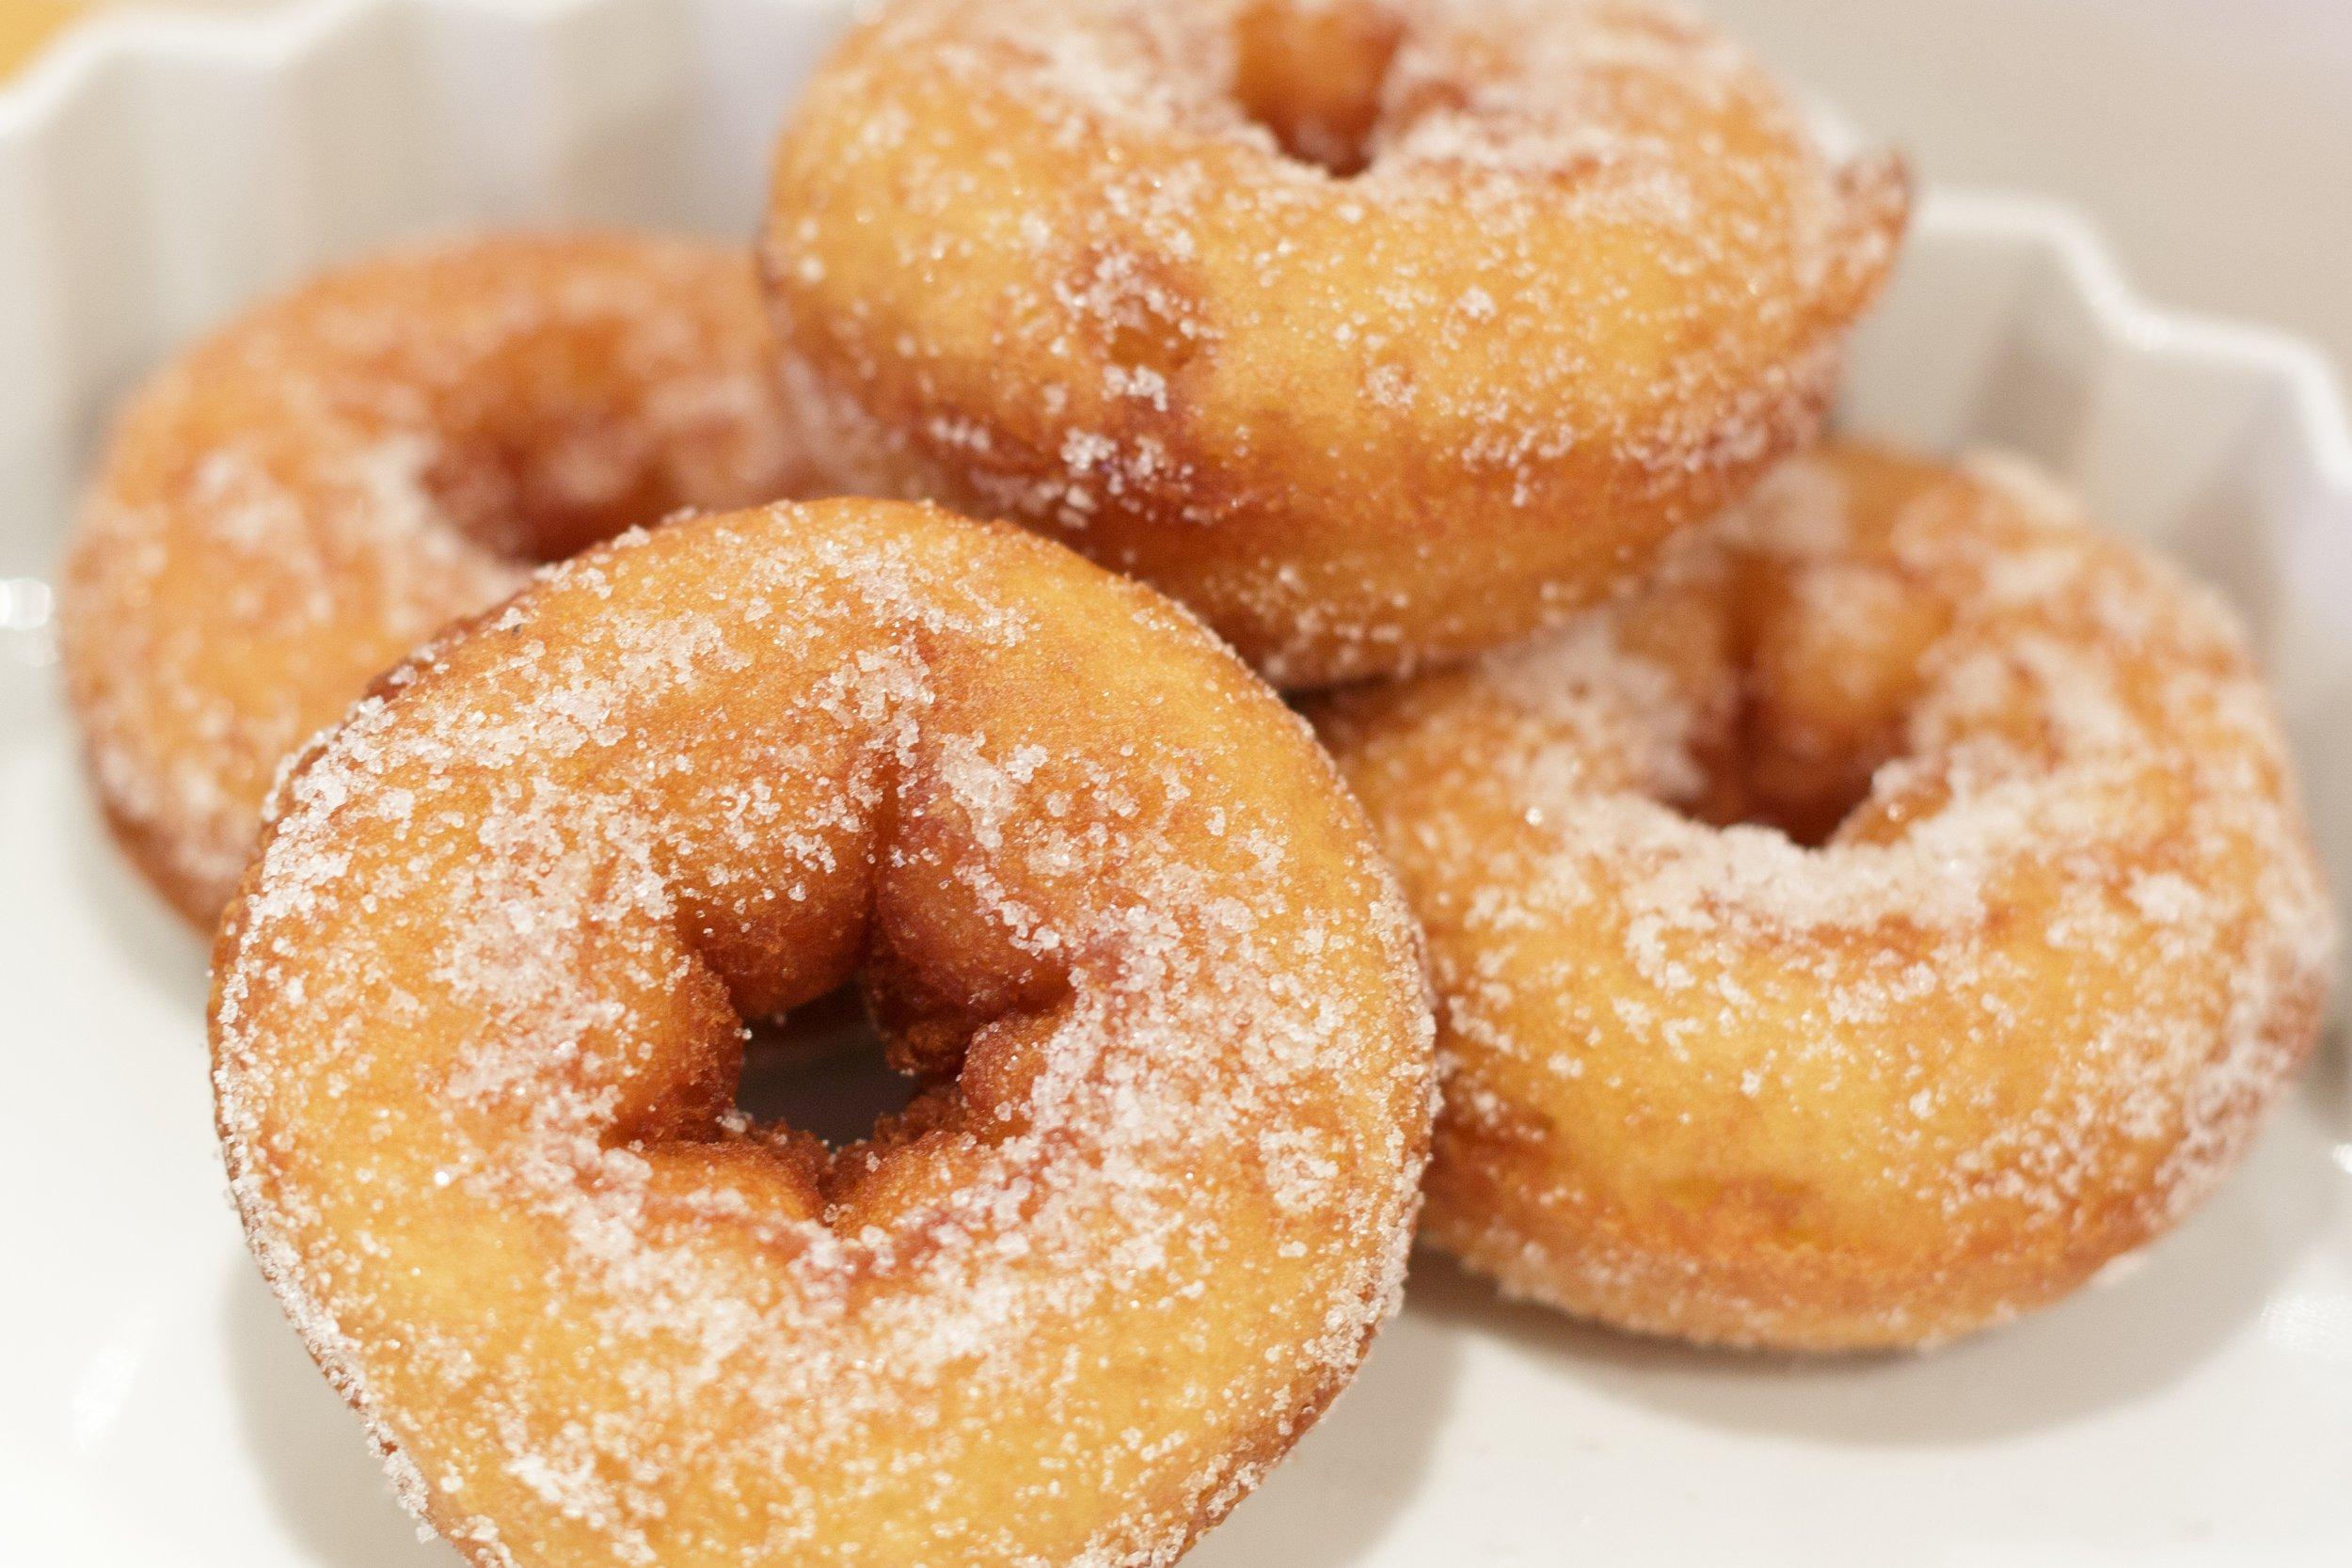 6_1_Sugared Doughnuts